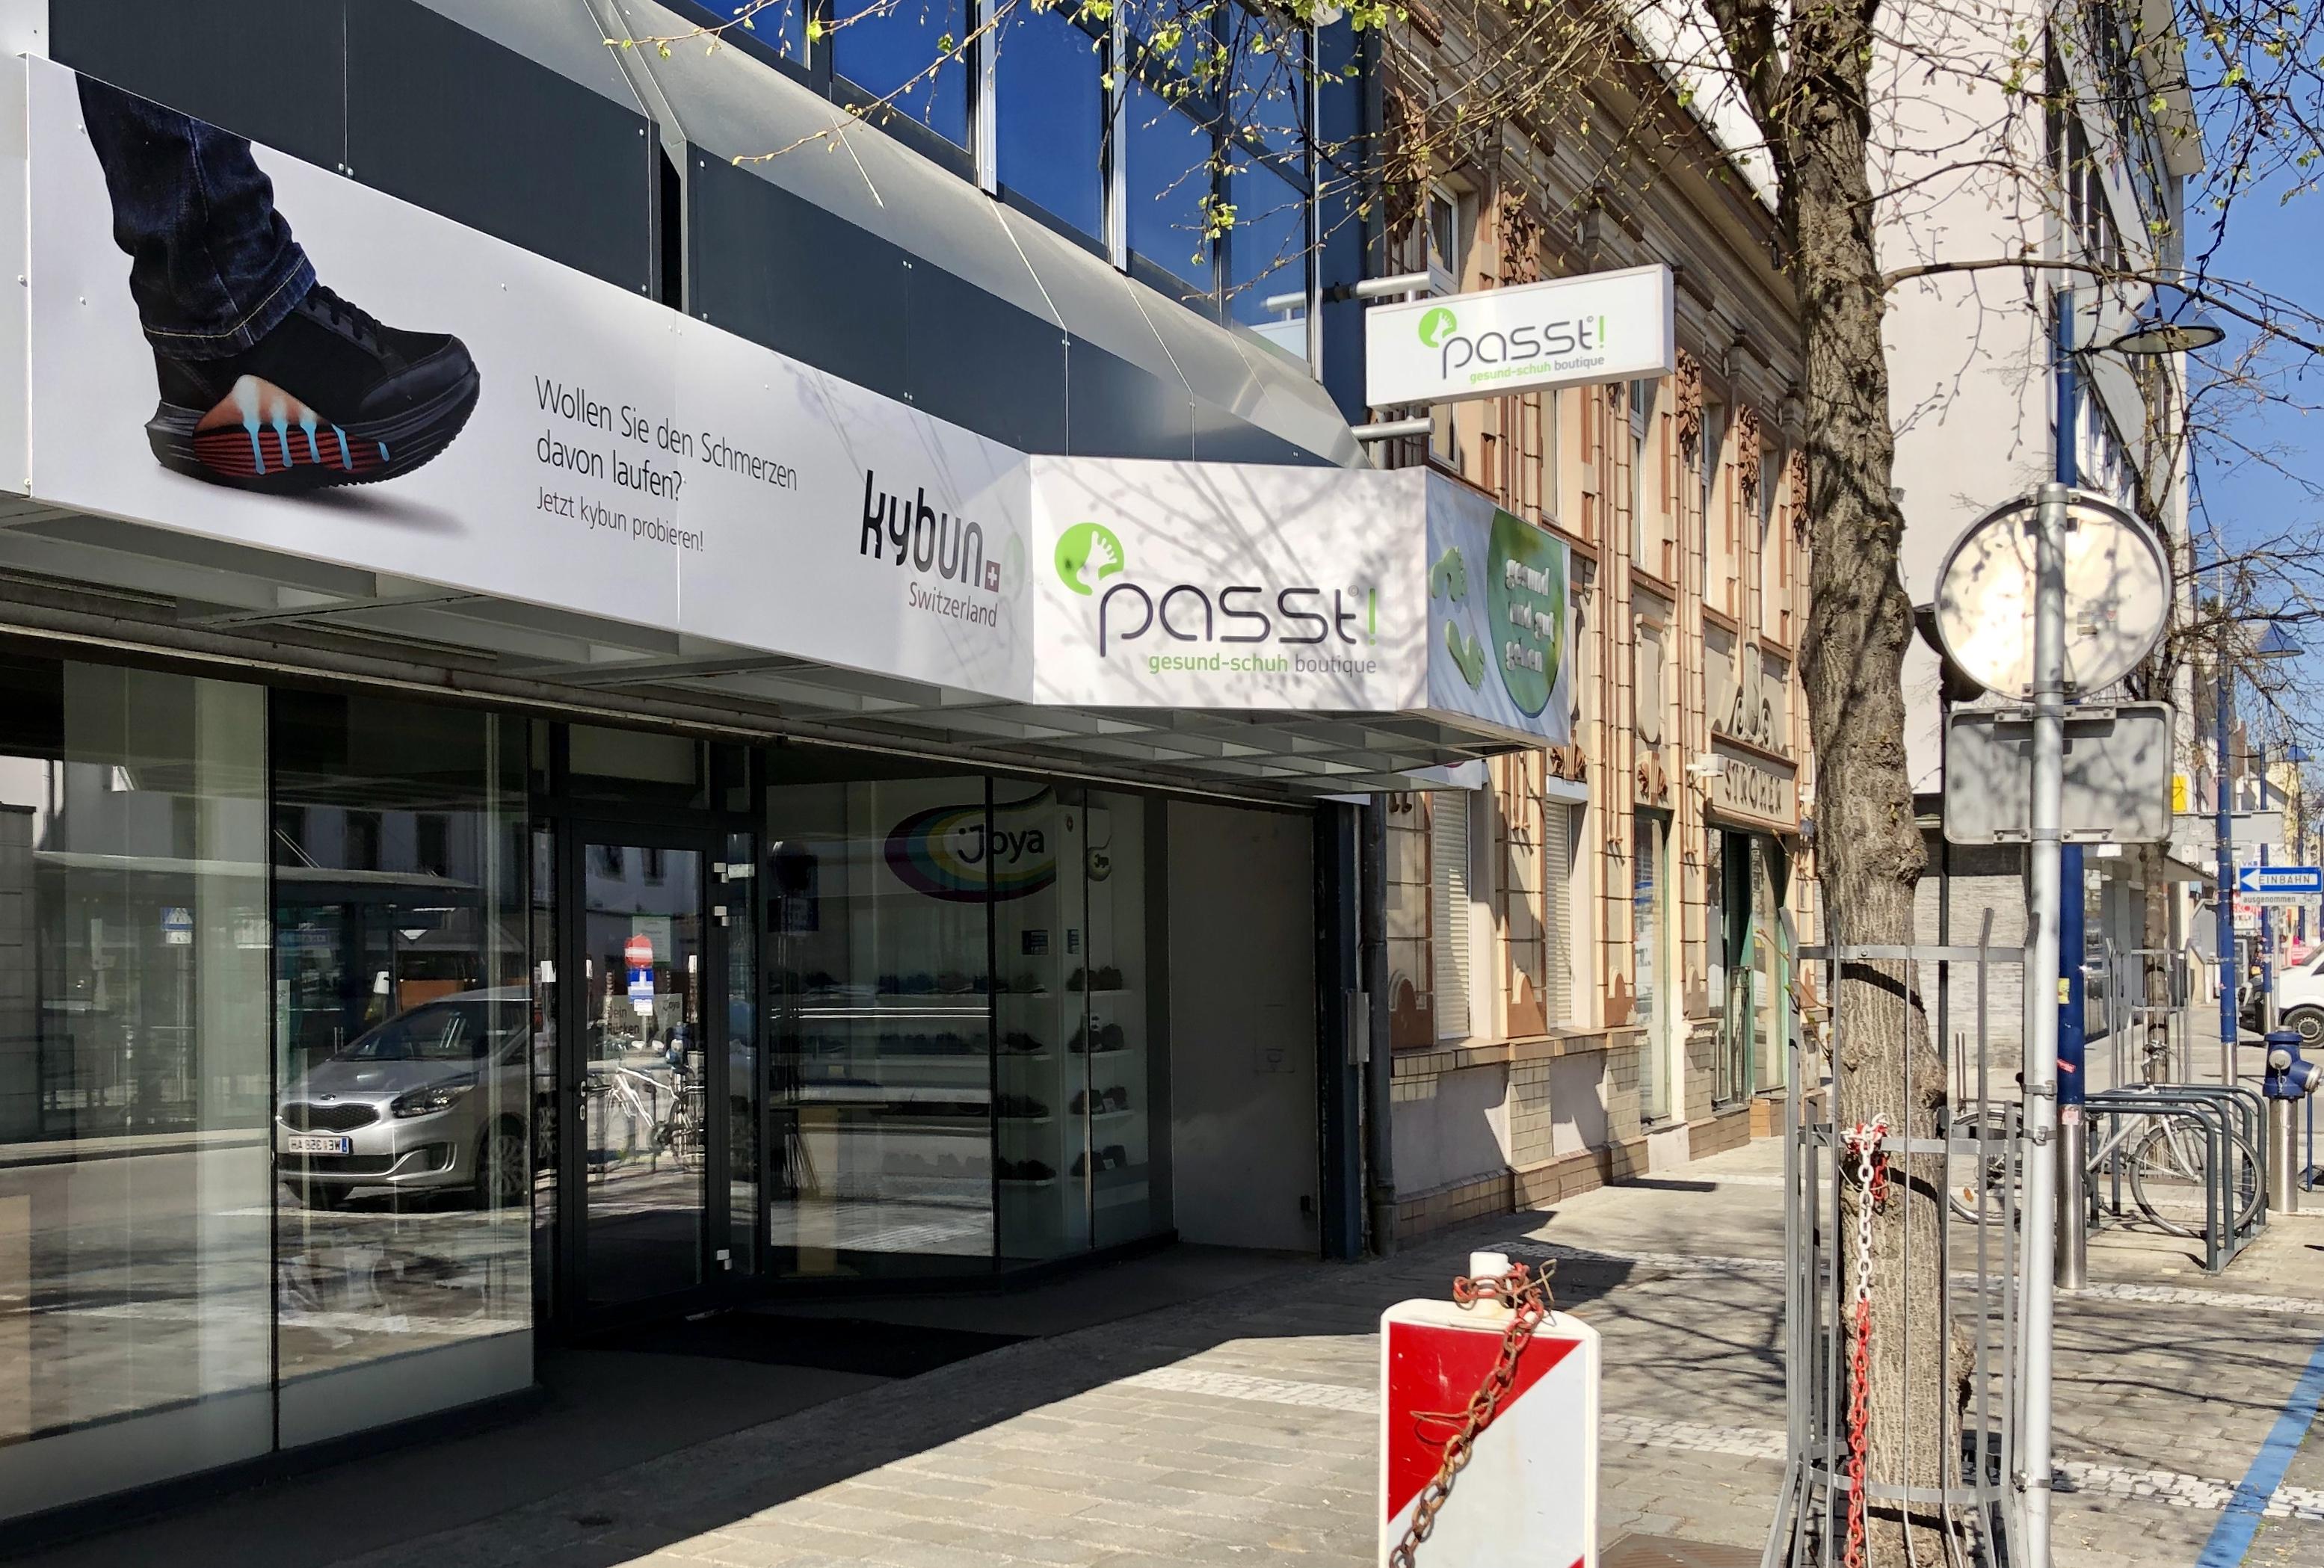 Passt! Gesund-Schuh Boutique Wels